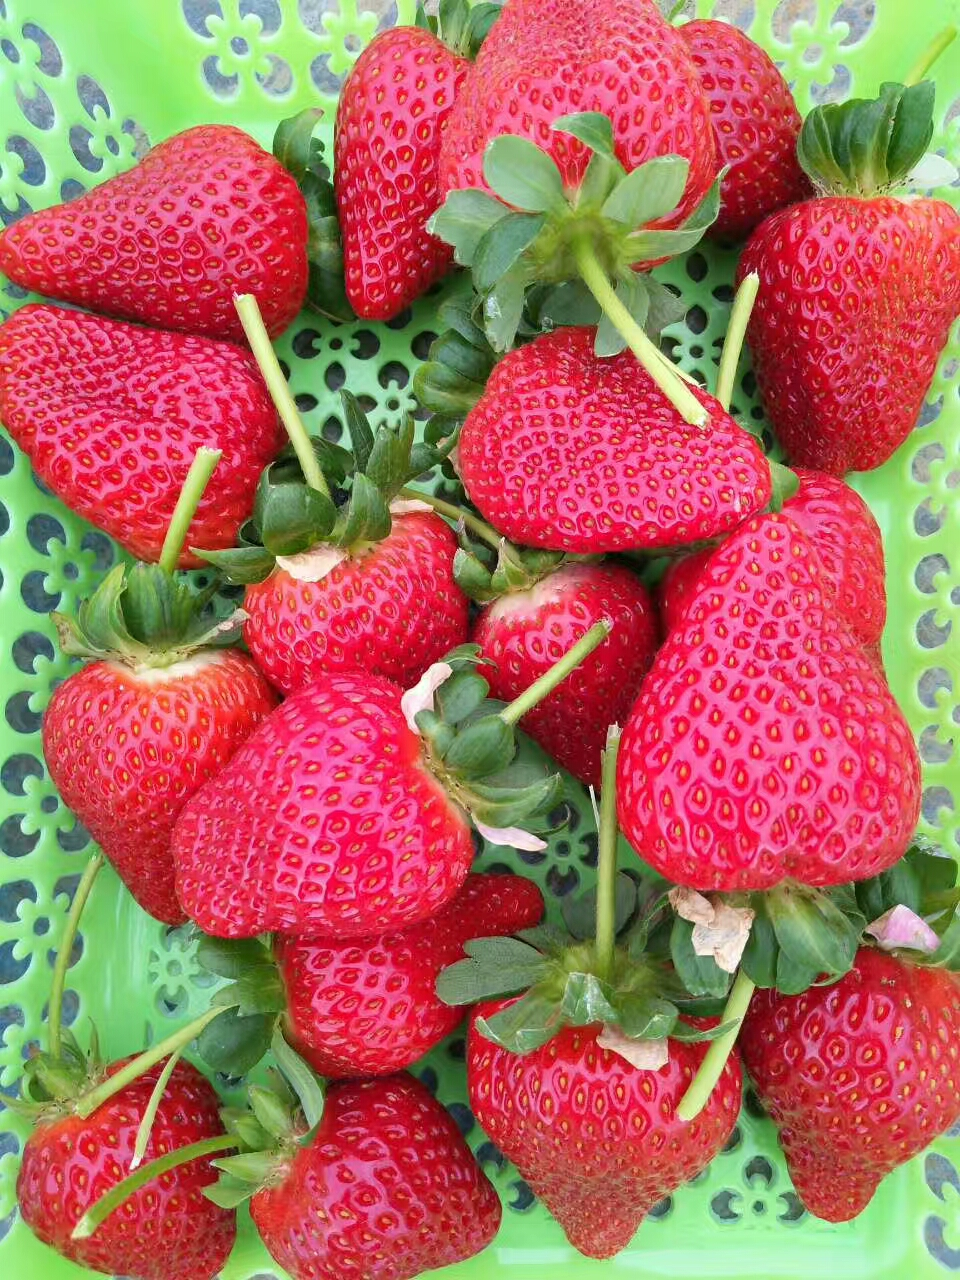 石景山隋珠草莓苗便宜价格